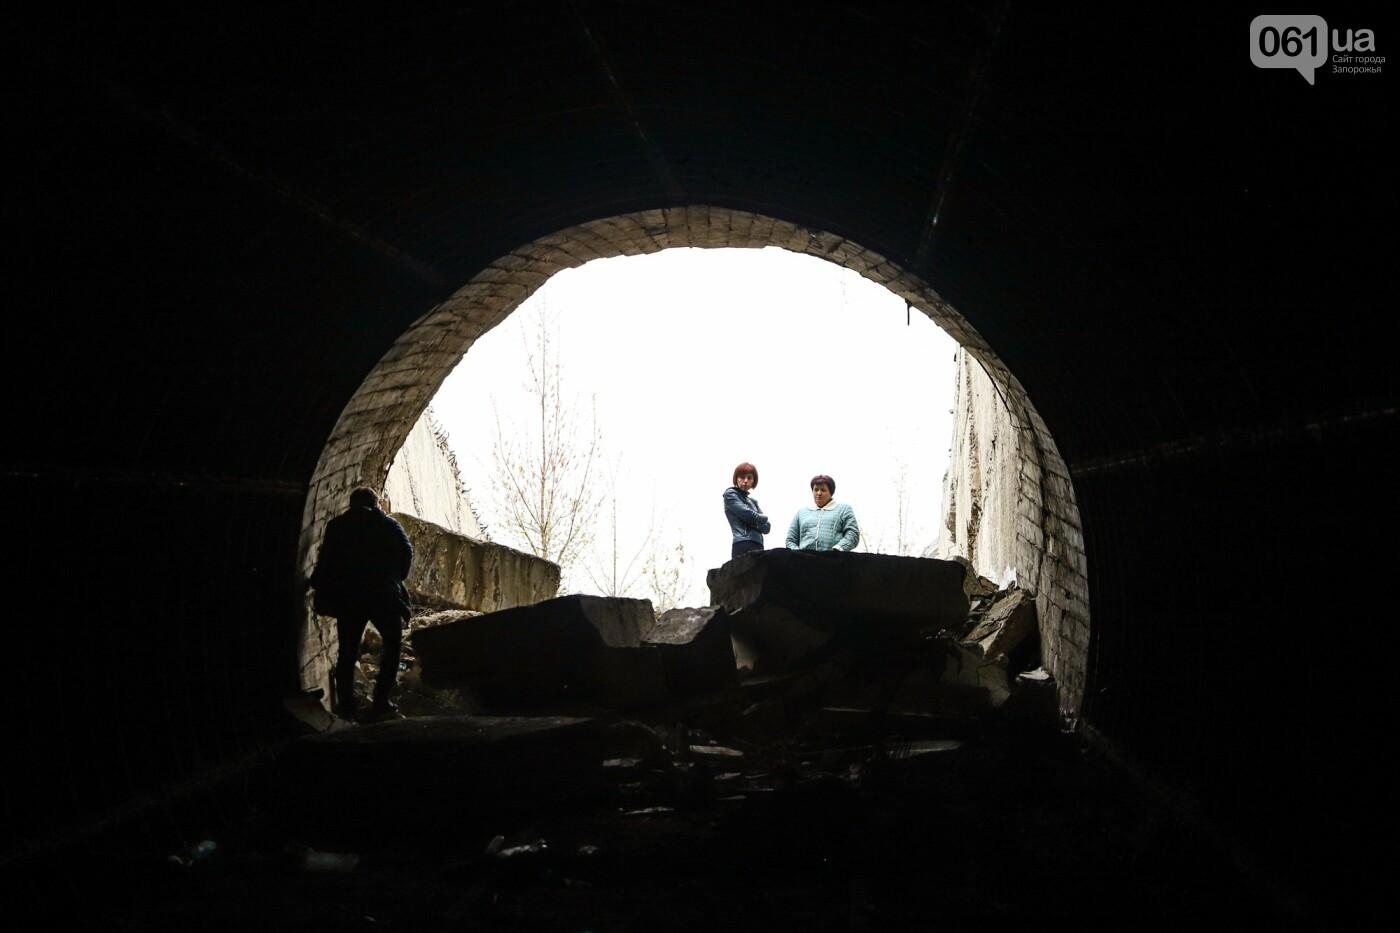 Монтаж первого пролета вантового моста, транспортный локдаун и репортаж из заброшенной шахты: апрель в фотографиях, фото-87